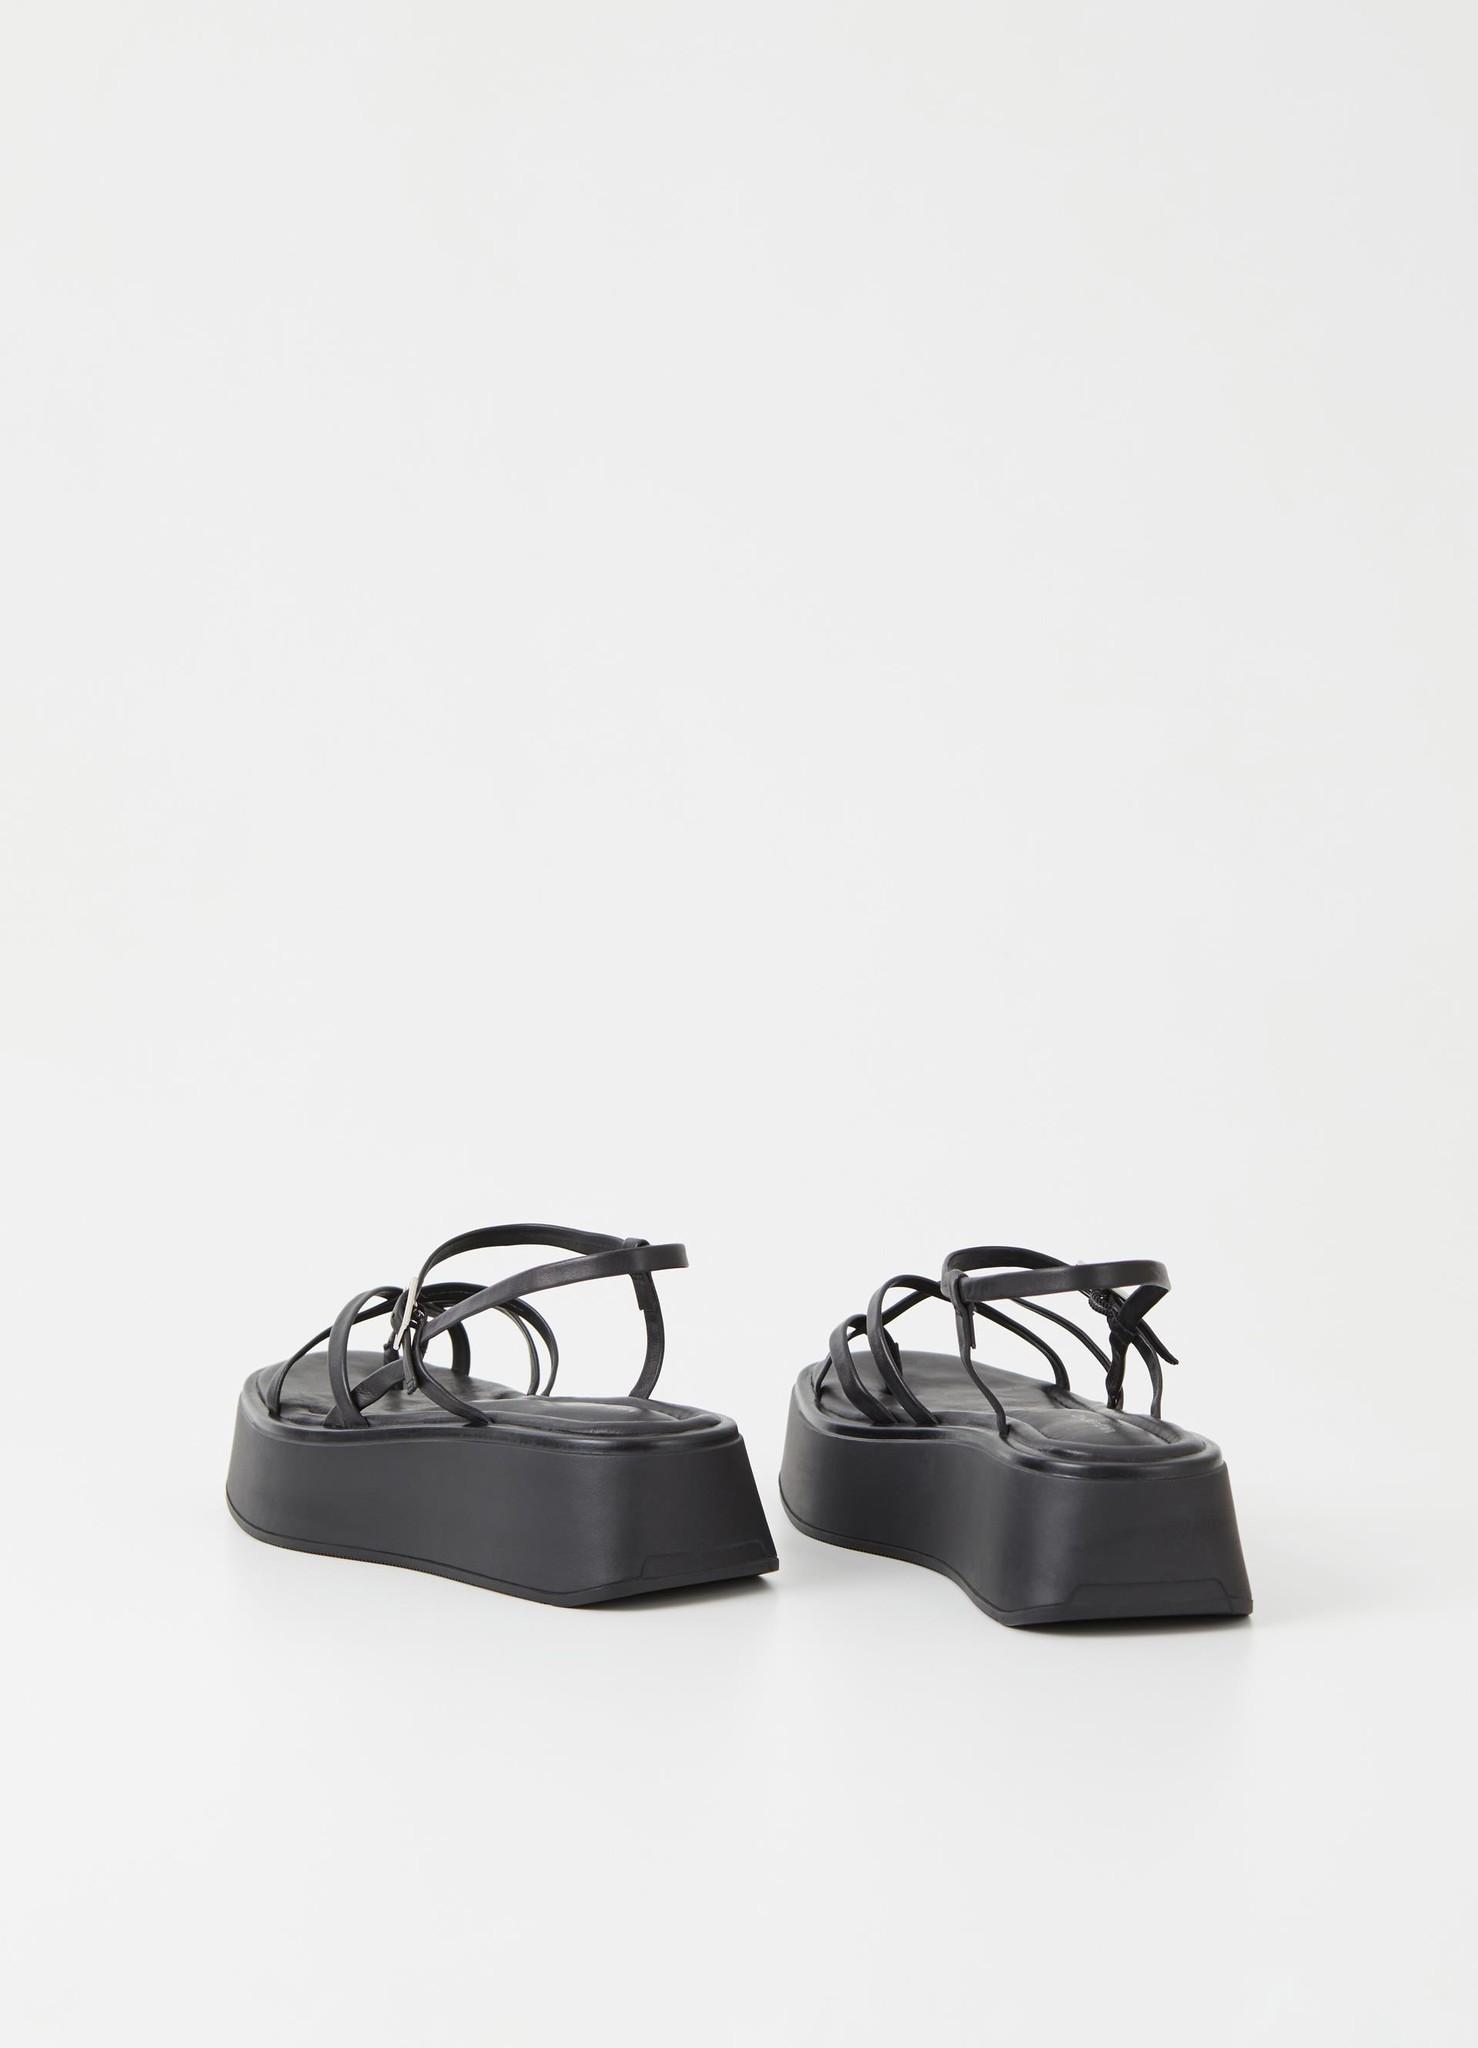 Courtney Black Leather Sandel-2